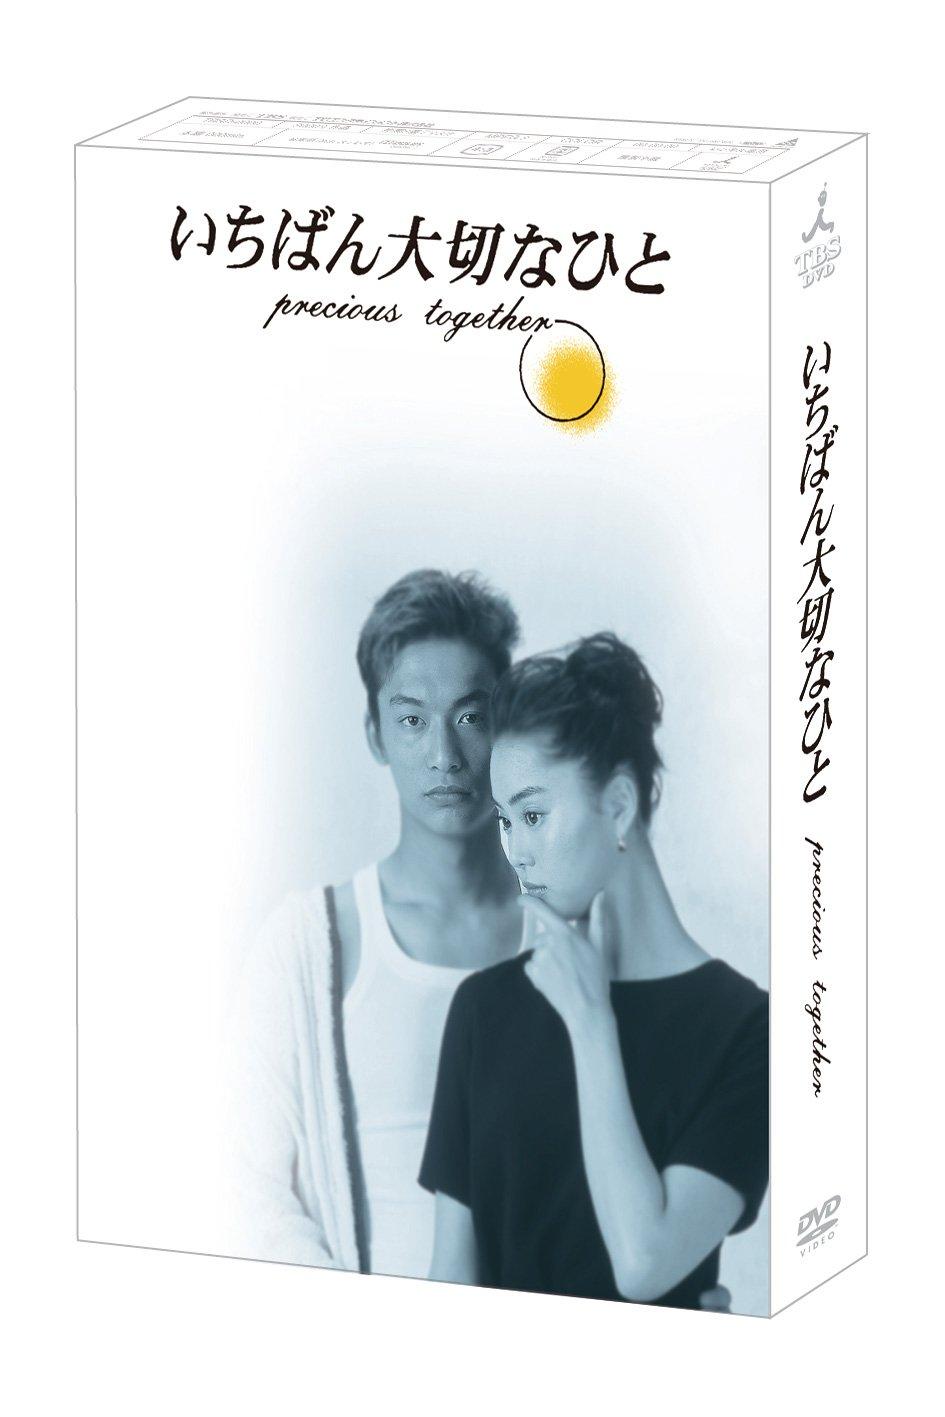 いちばん大切なひと [DVD] B003GXFUG2